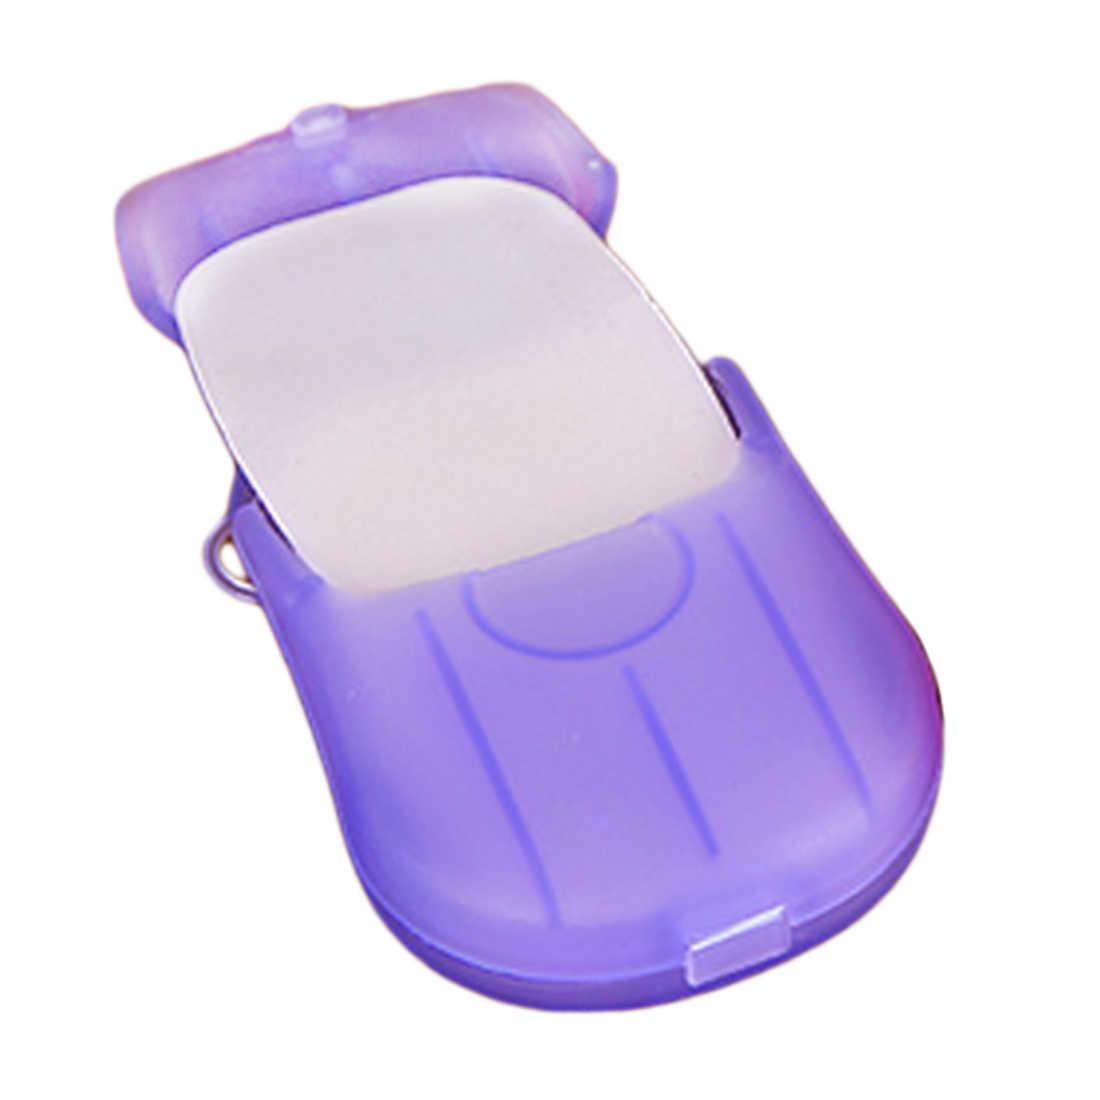 新 20 個屋外旅行石鹸香りスライスシート紙洗濯クリーン洗浄とケアケースハイキングアクセサリー